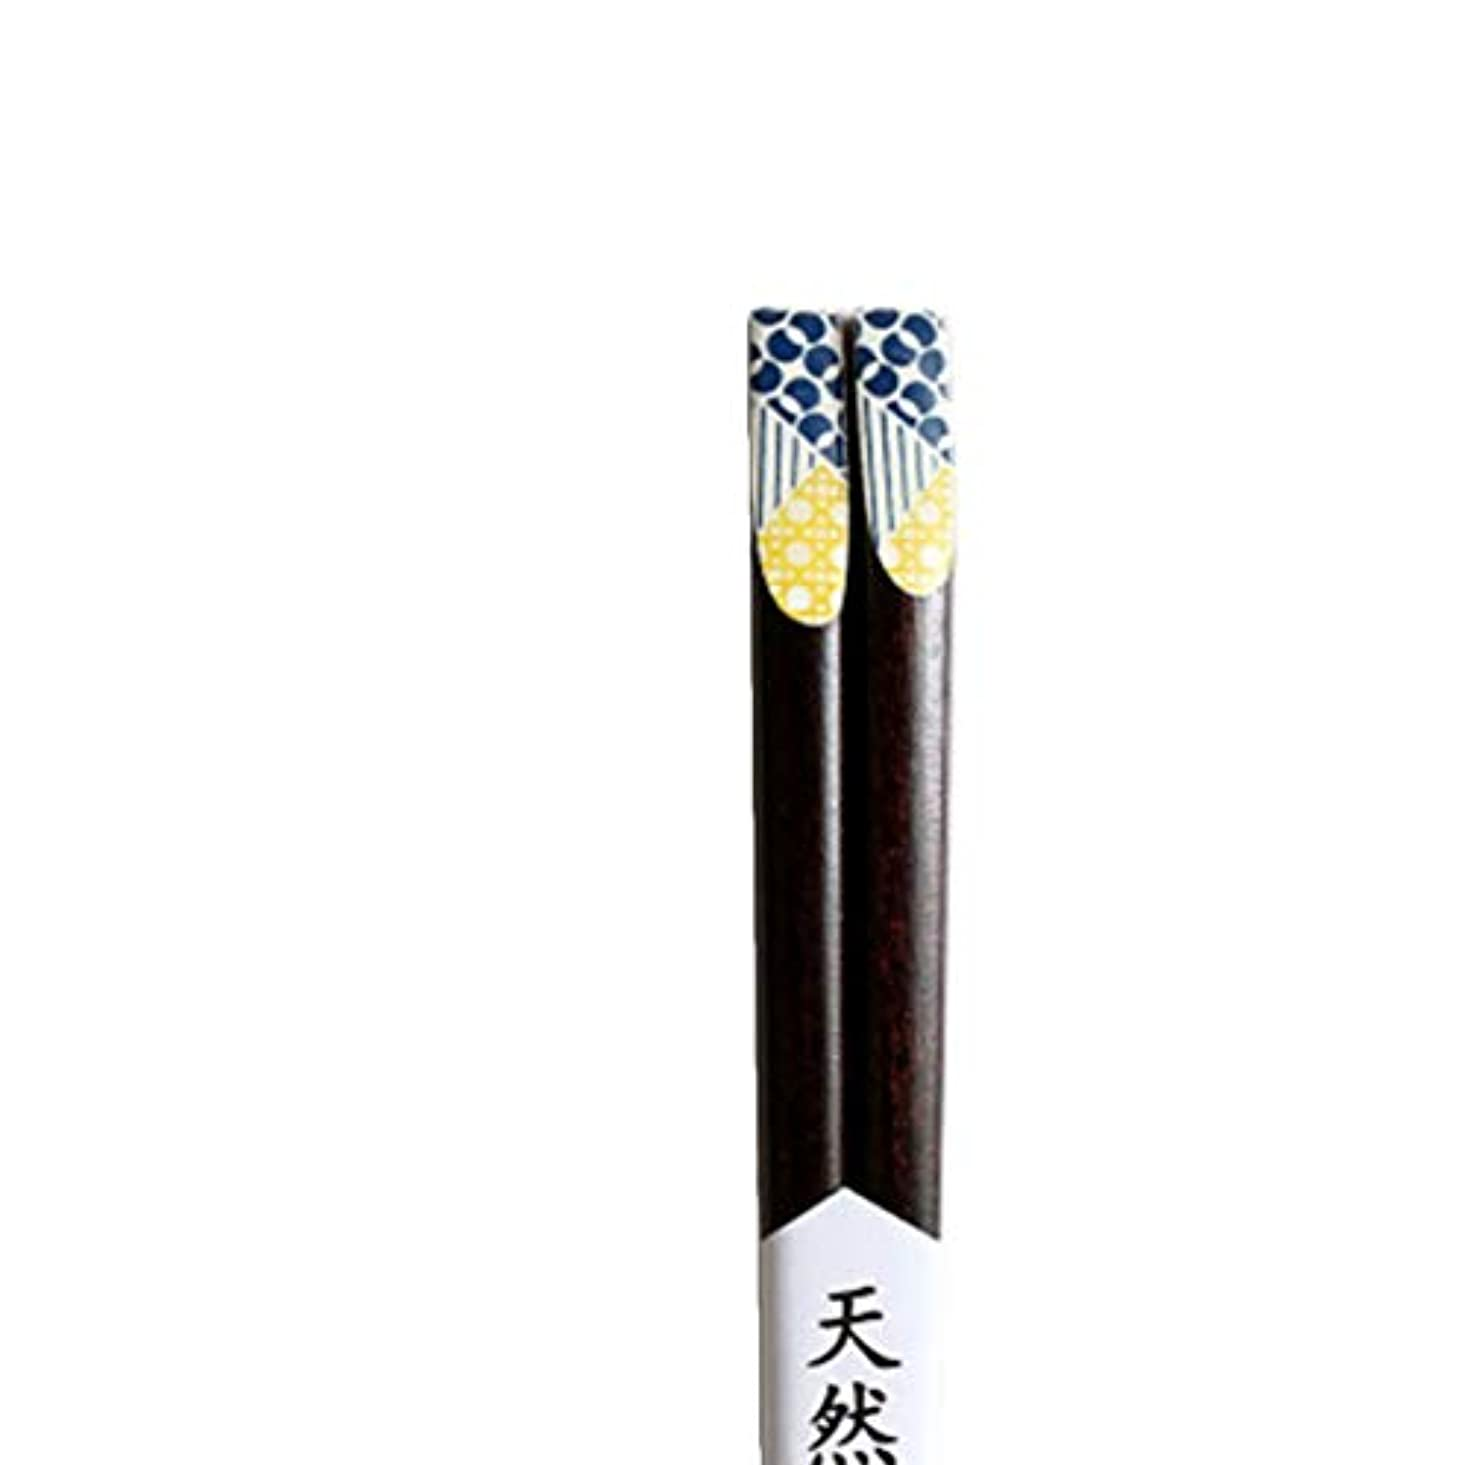 マート連鎖前進Yoshilimen ホームアクセサリーアクセサリー木製木箸木箸(None Blue and yellow dot mixing)